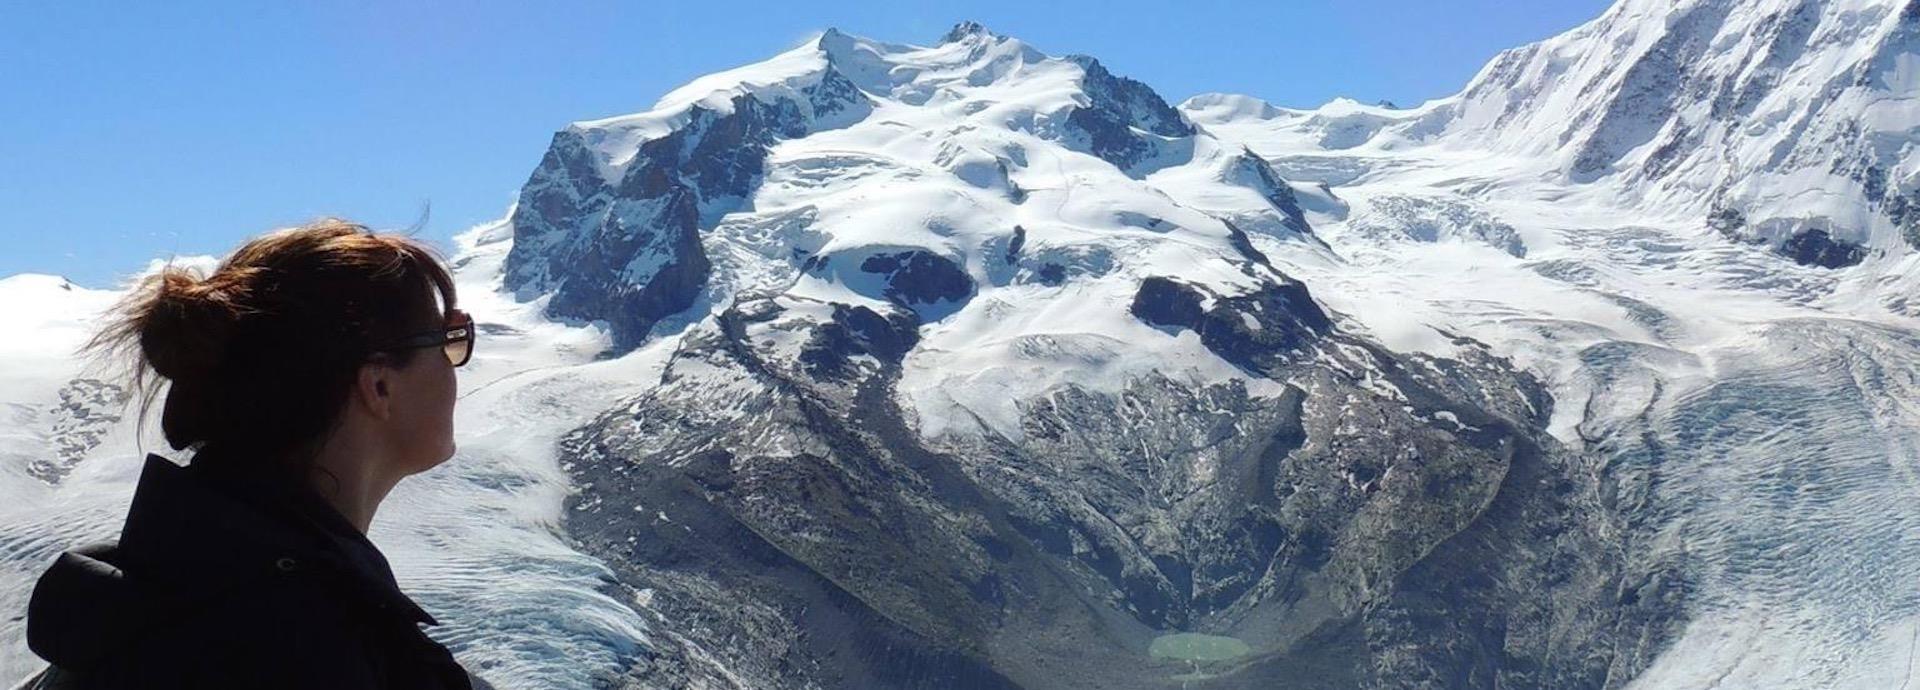 Malin Berg in Switzerland